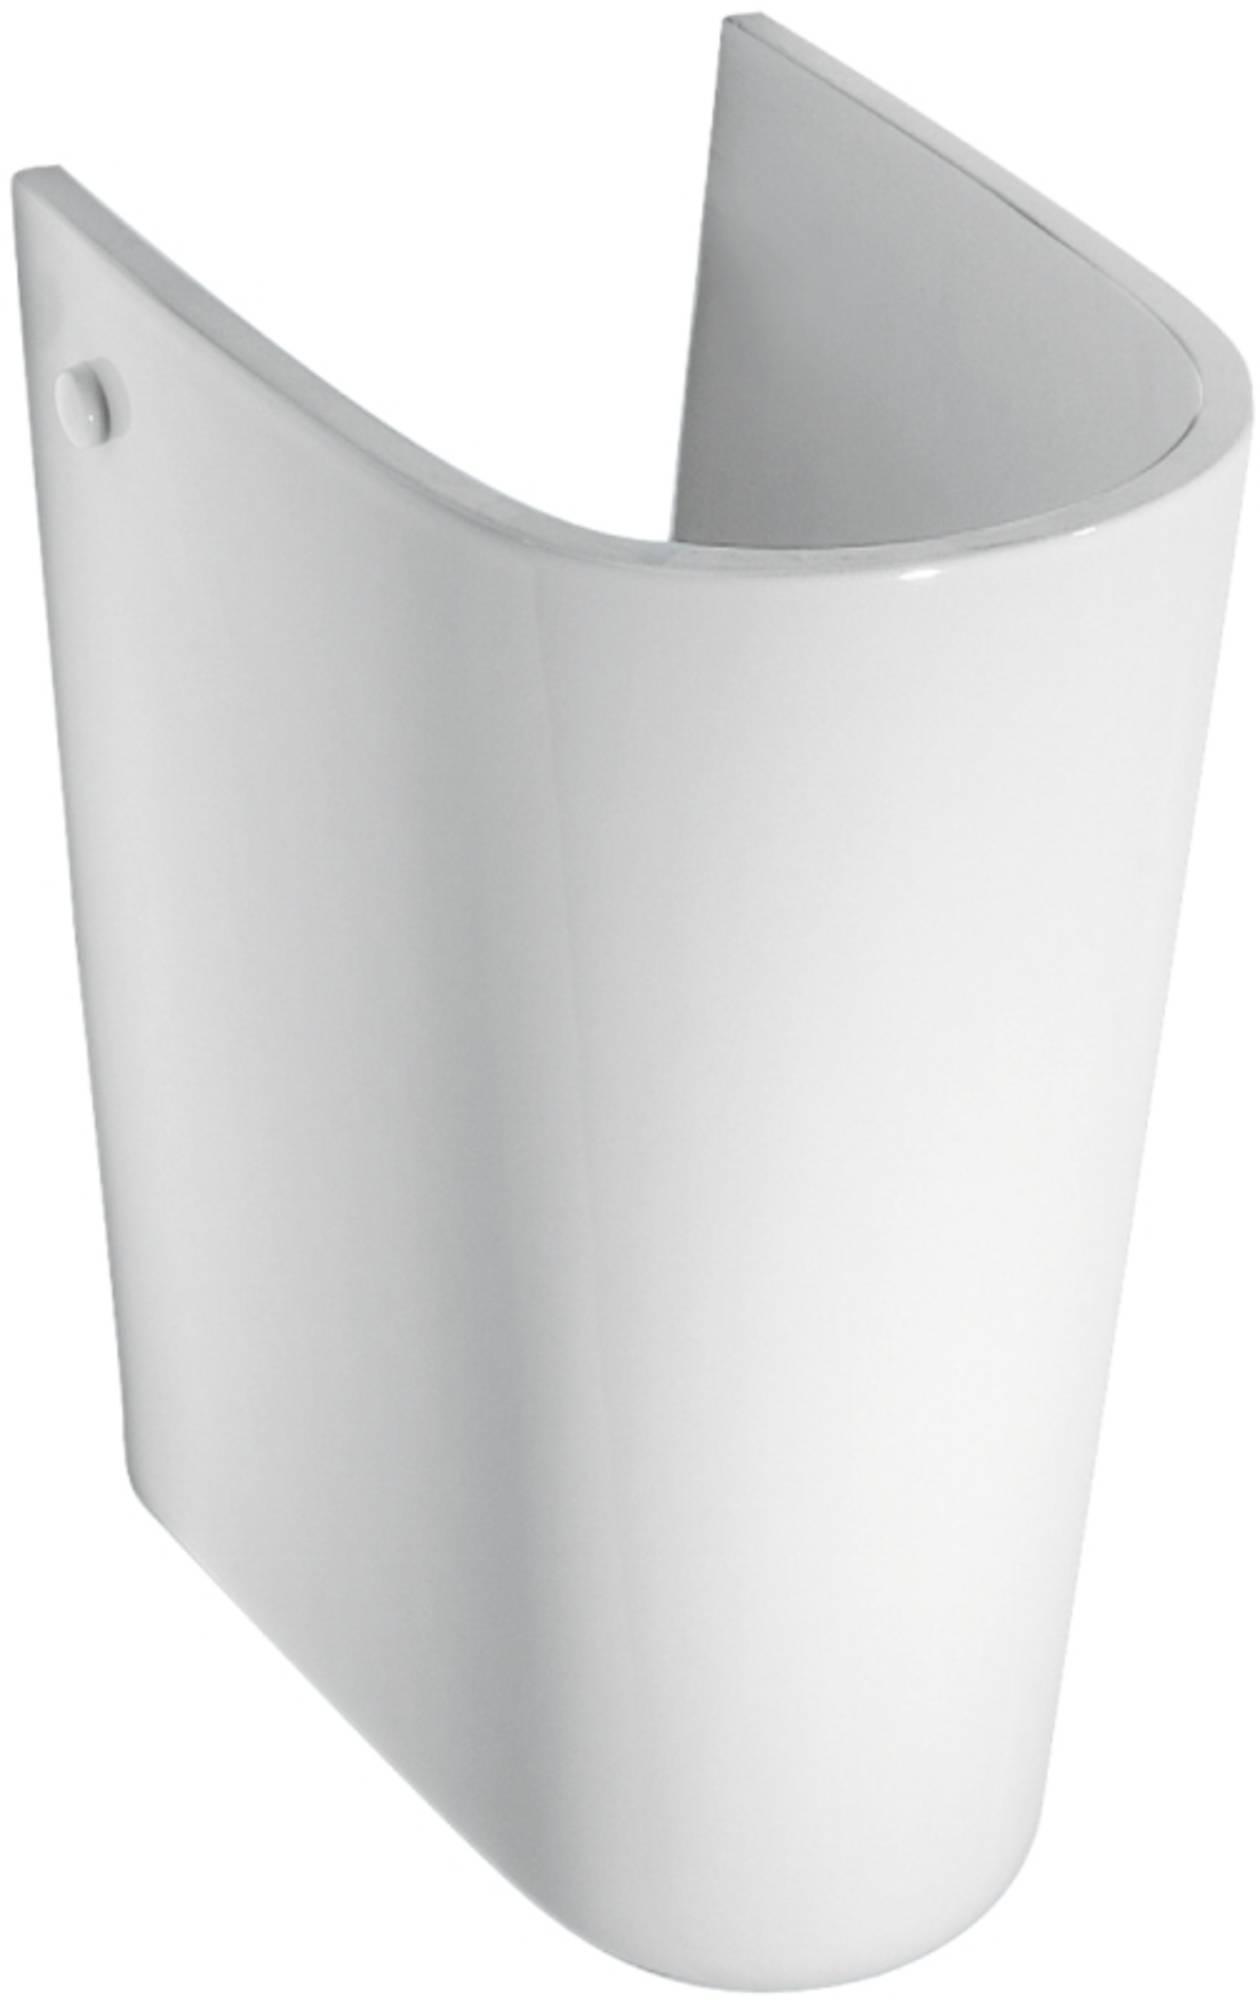 IDEAL STANDARD EUROVIT sifonkap voor rechthoekige wastafel WIT (V921101)